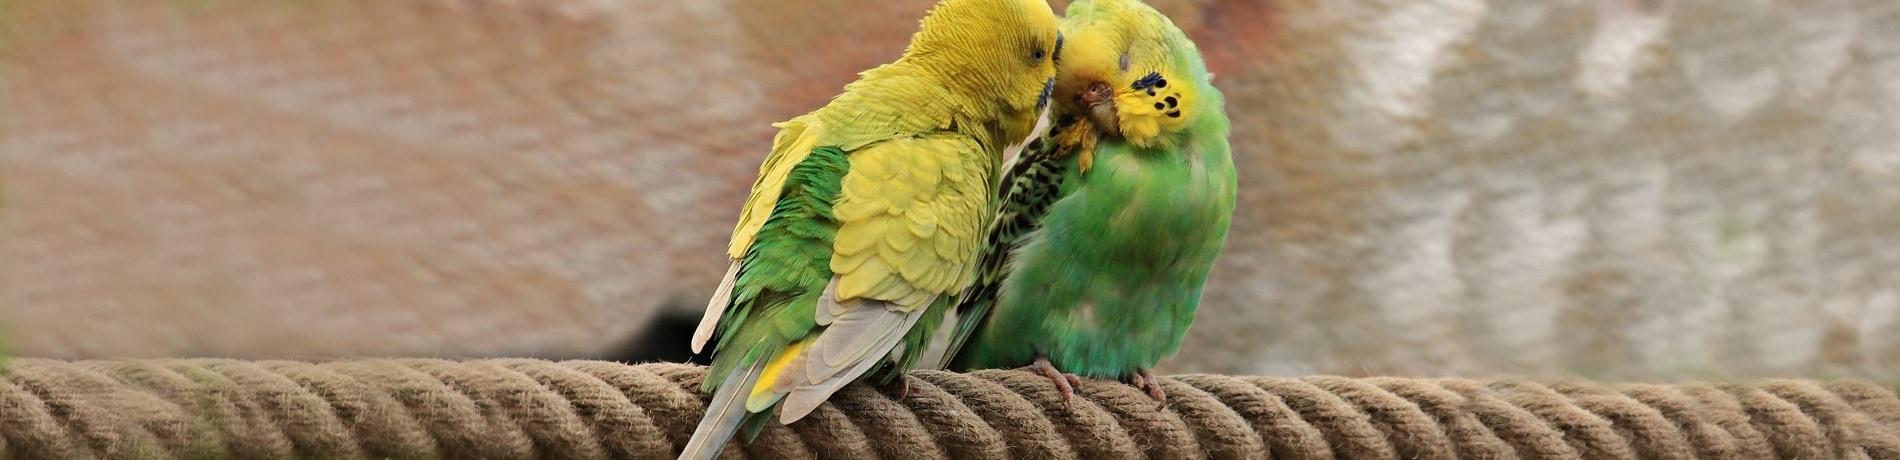 hoe maak je een papegaai tam